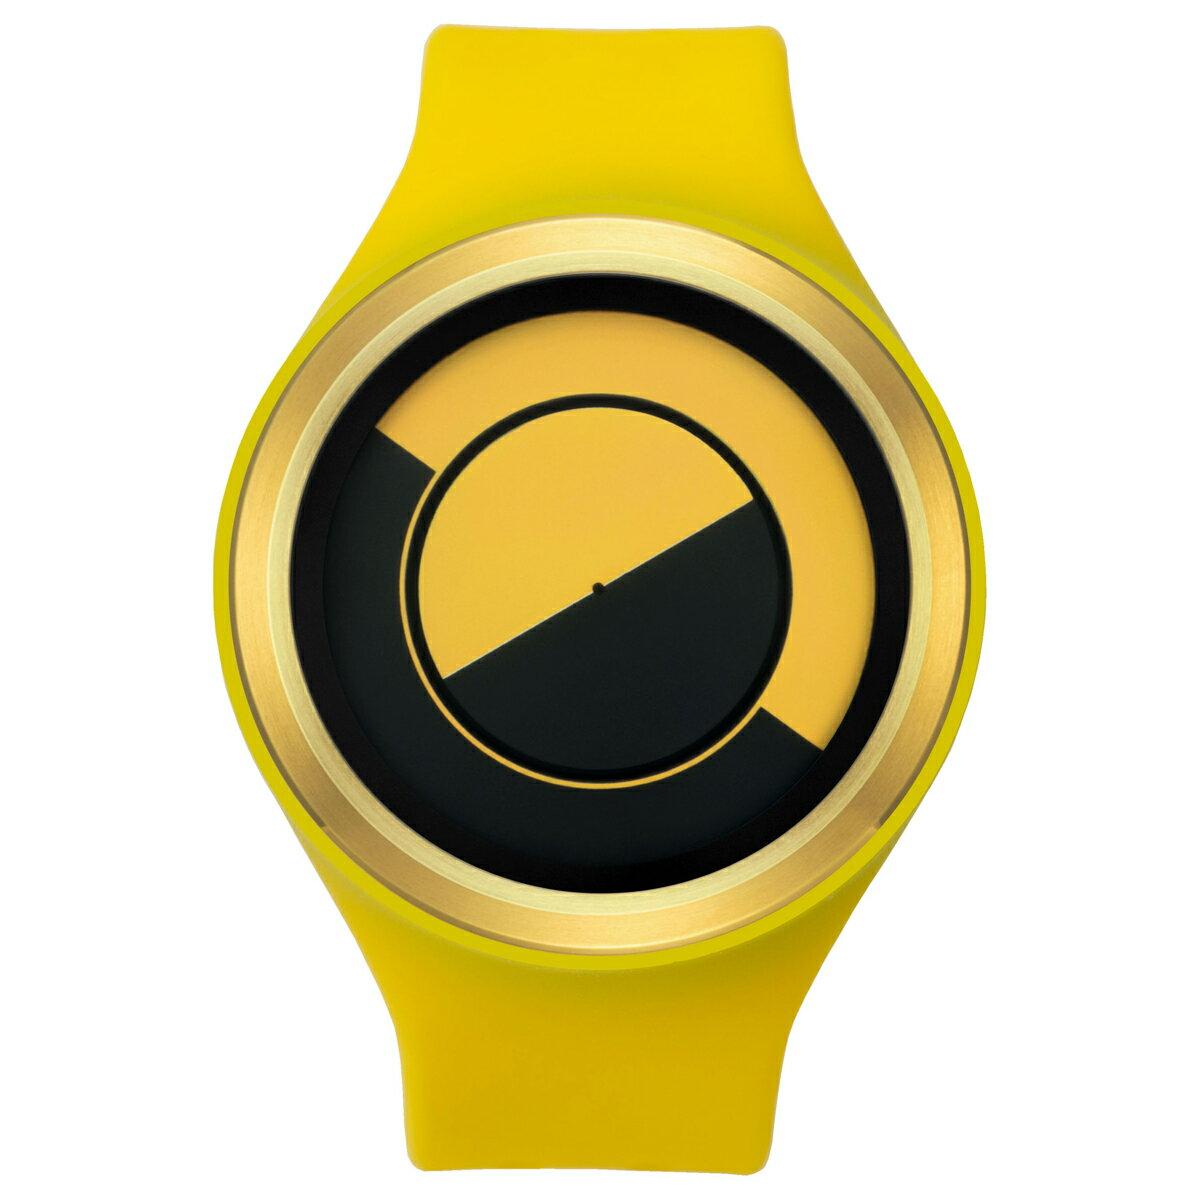 ZEROO QUARTER MOON ゼロ 電池式クォーツ 腕時計 [W01004B04SR09] イエロー デザインウォッチ ペア用 メンズ レディース ユニセックス おしゃれ時計 デザイナーズ